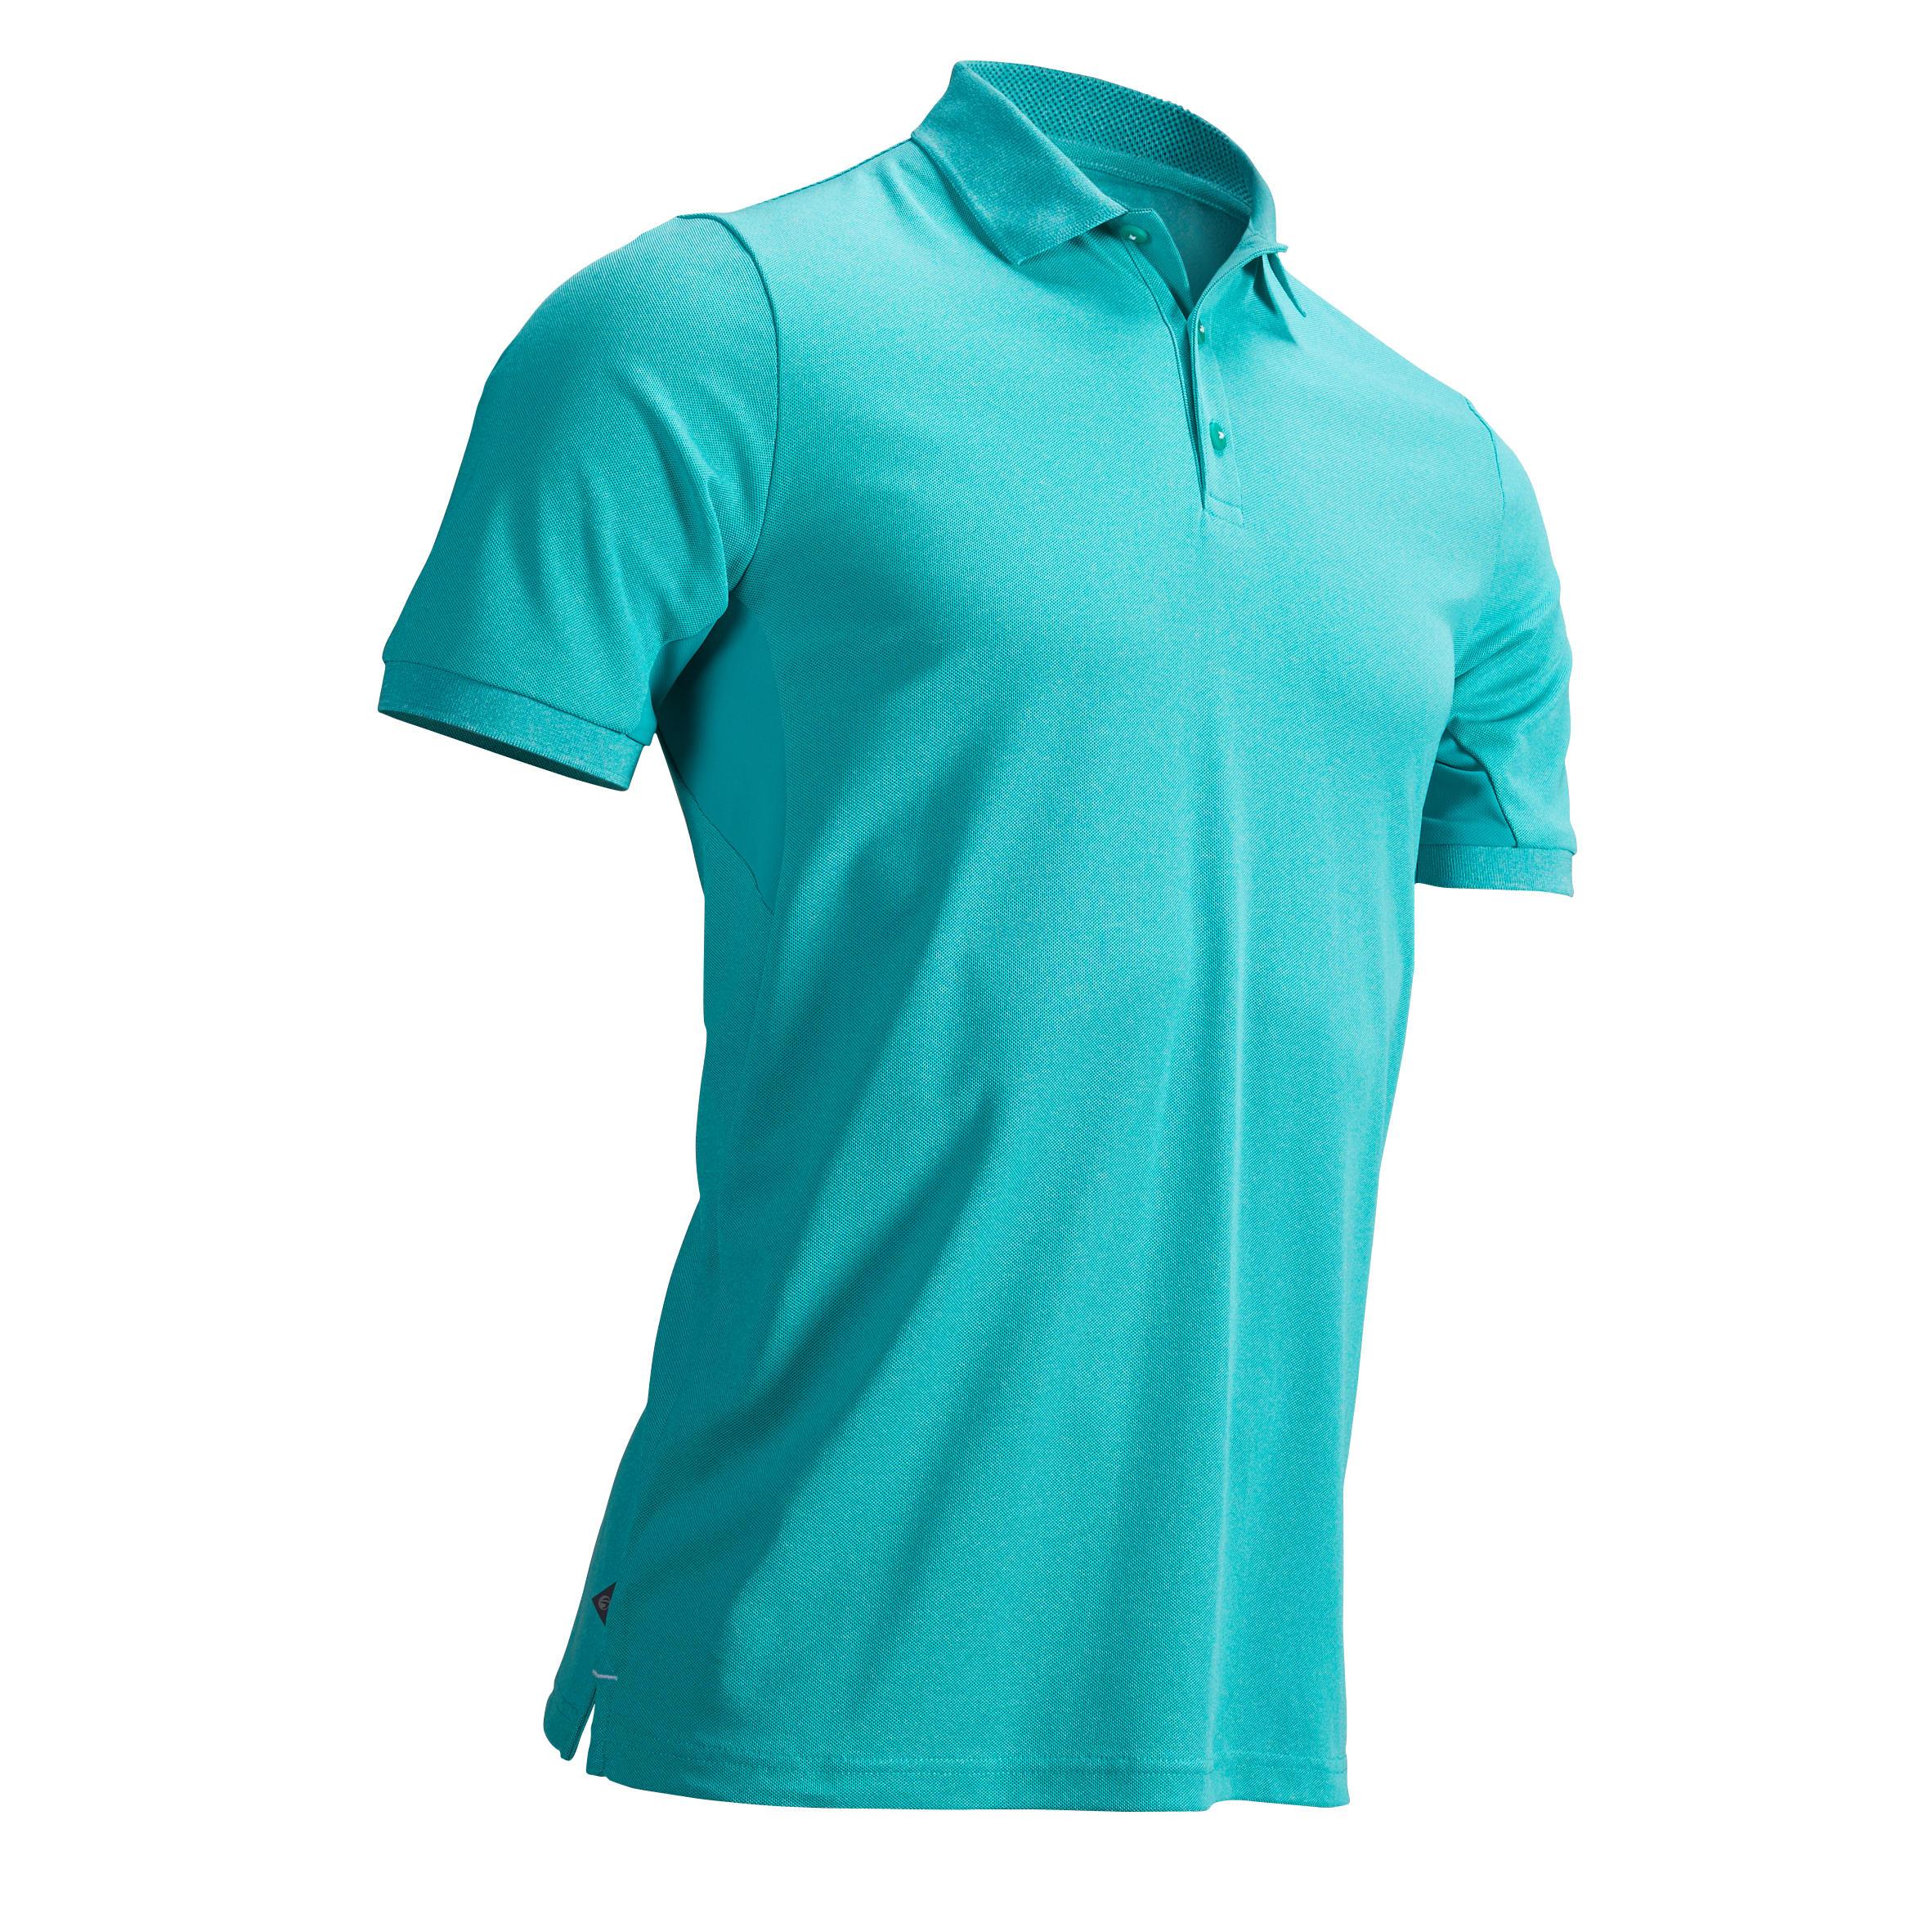 Inesis Golfpolo voor heren warm weer groen turquoise